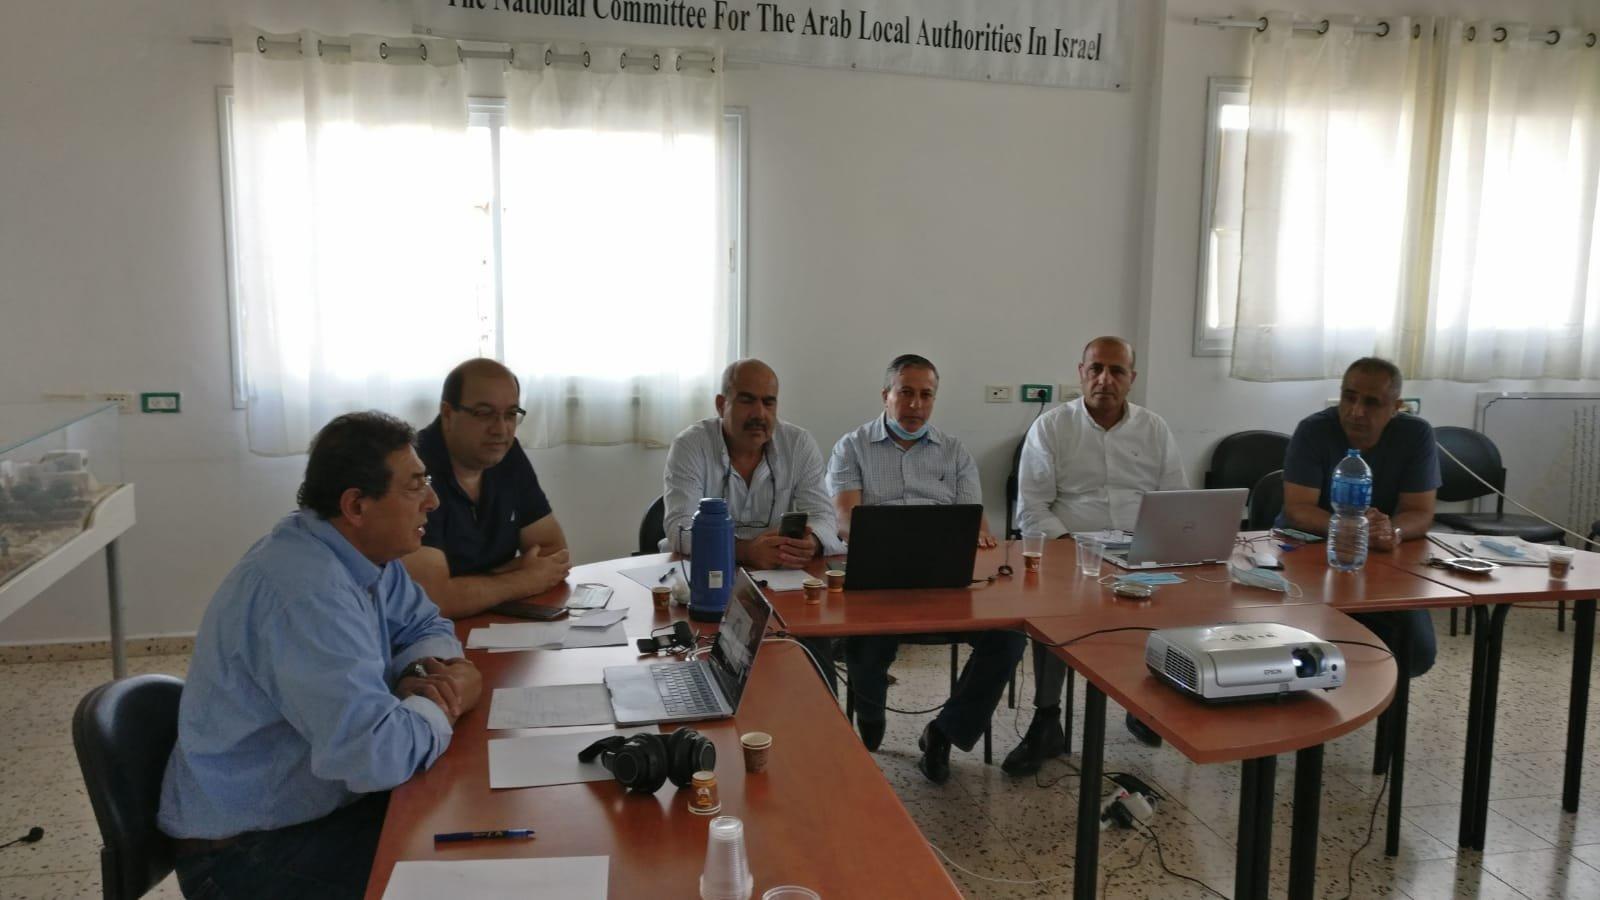 خطة خمسية لتطوير الهايتك والحداثة في المجتمع العربي-2